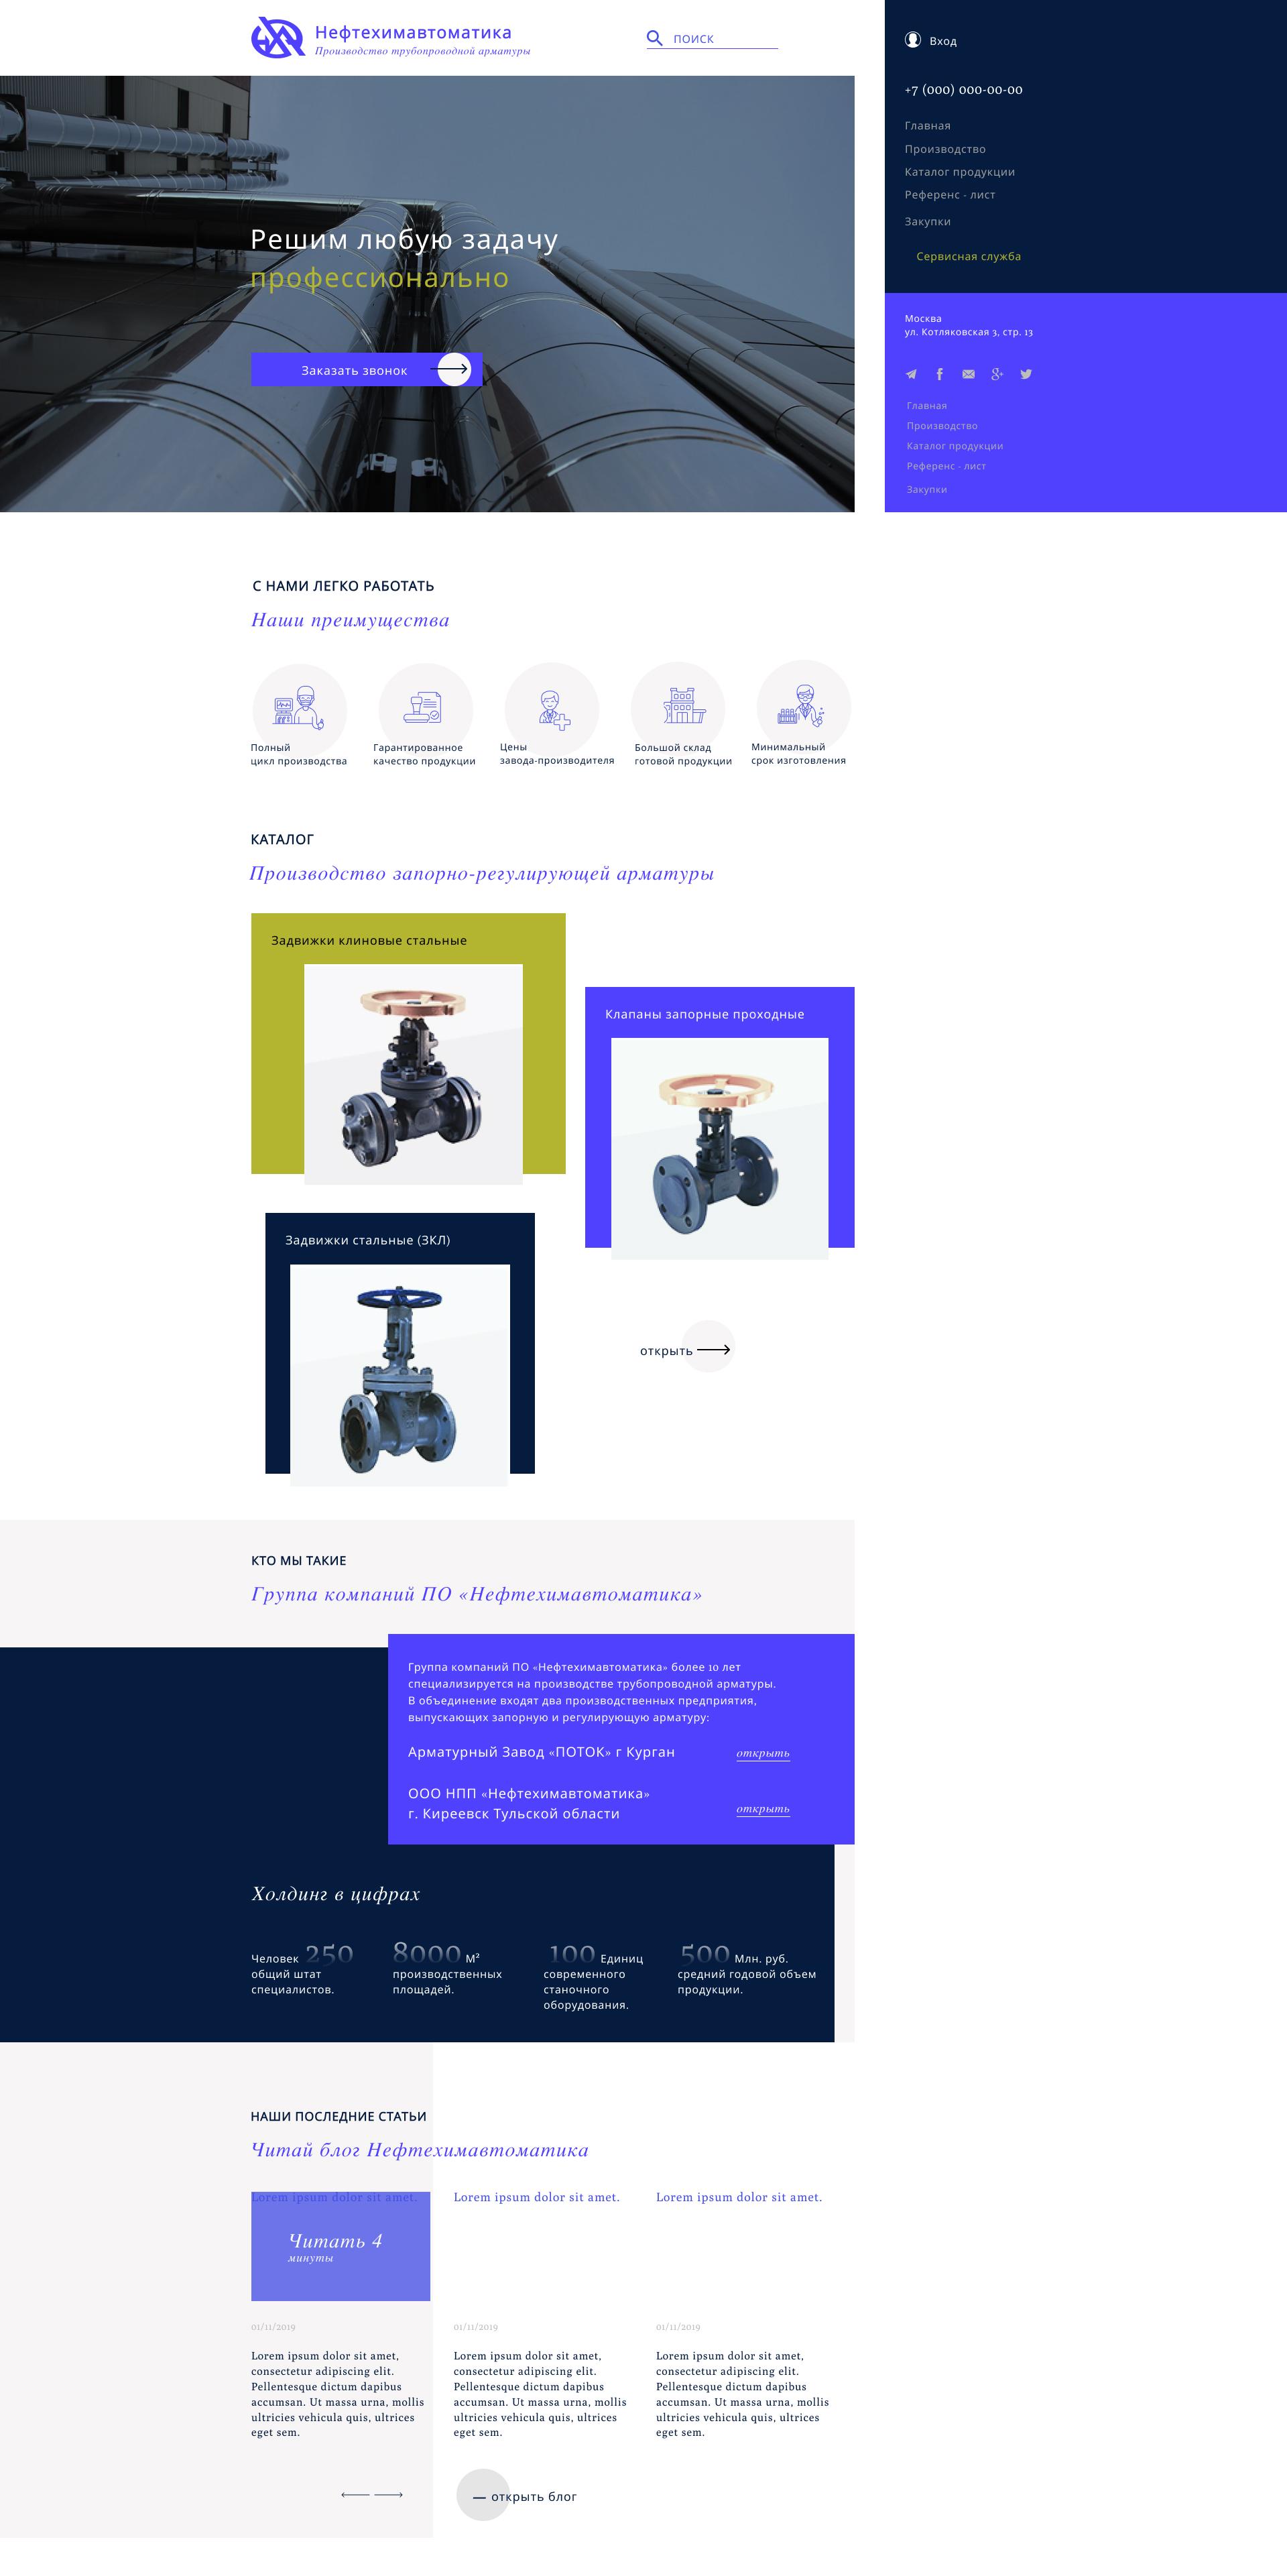 Внимание, конкурс для дизайнеров веб-сайтов! фото f_9595c59a7836b5ae.jpg